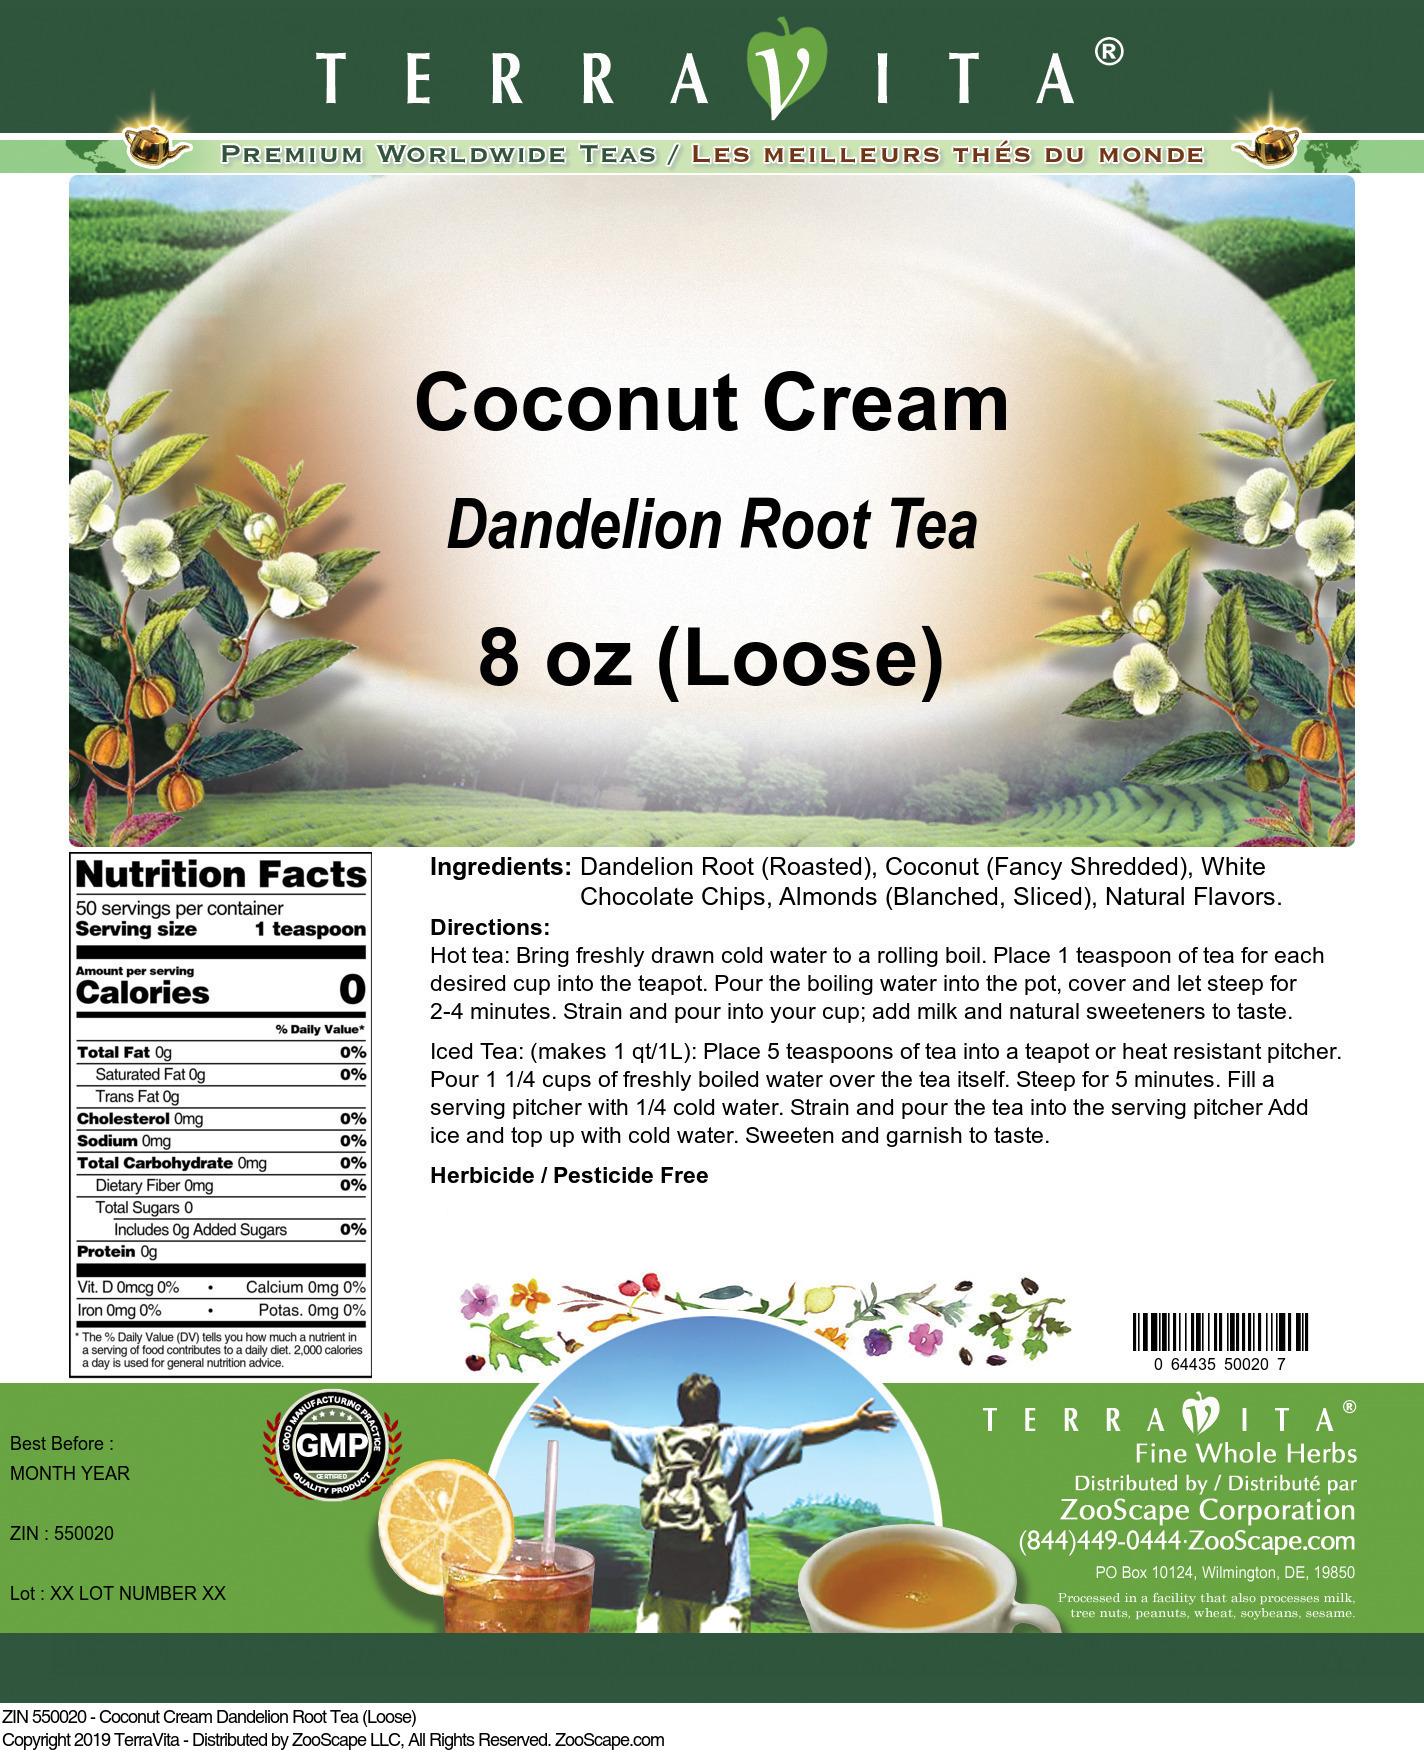 Coconut Cream Dandelion Root